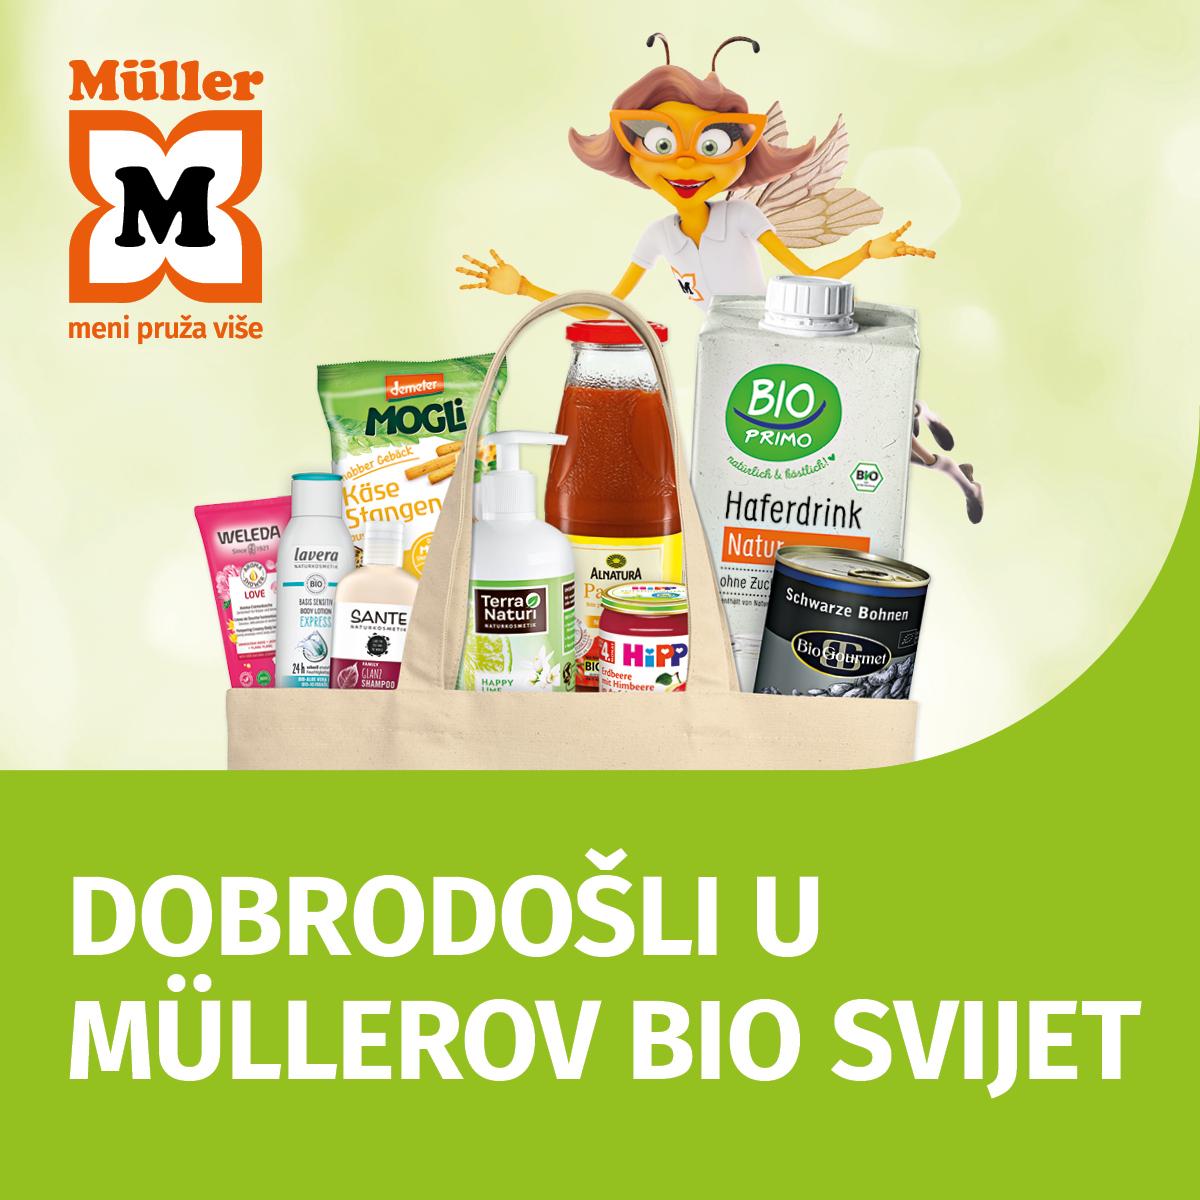 Dobrodošli u Müllerov BIO svijet!